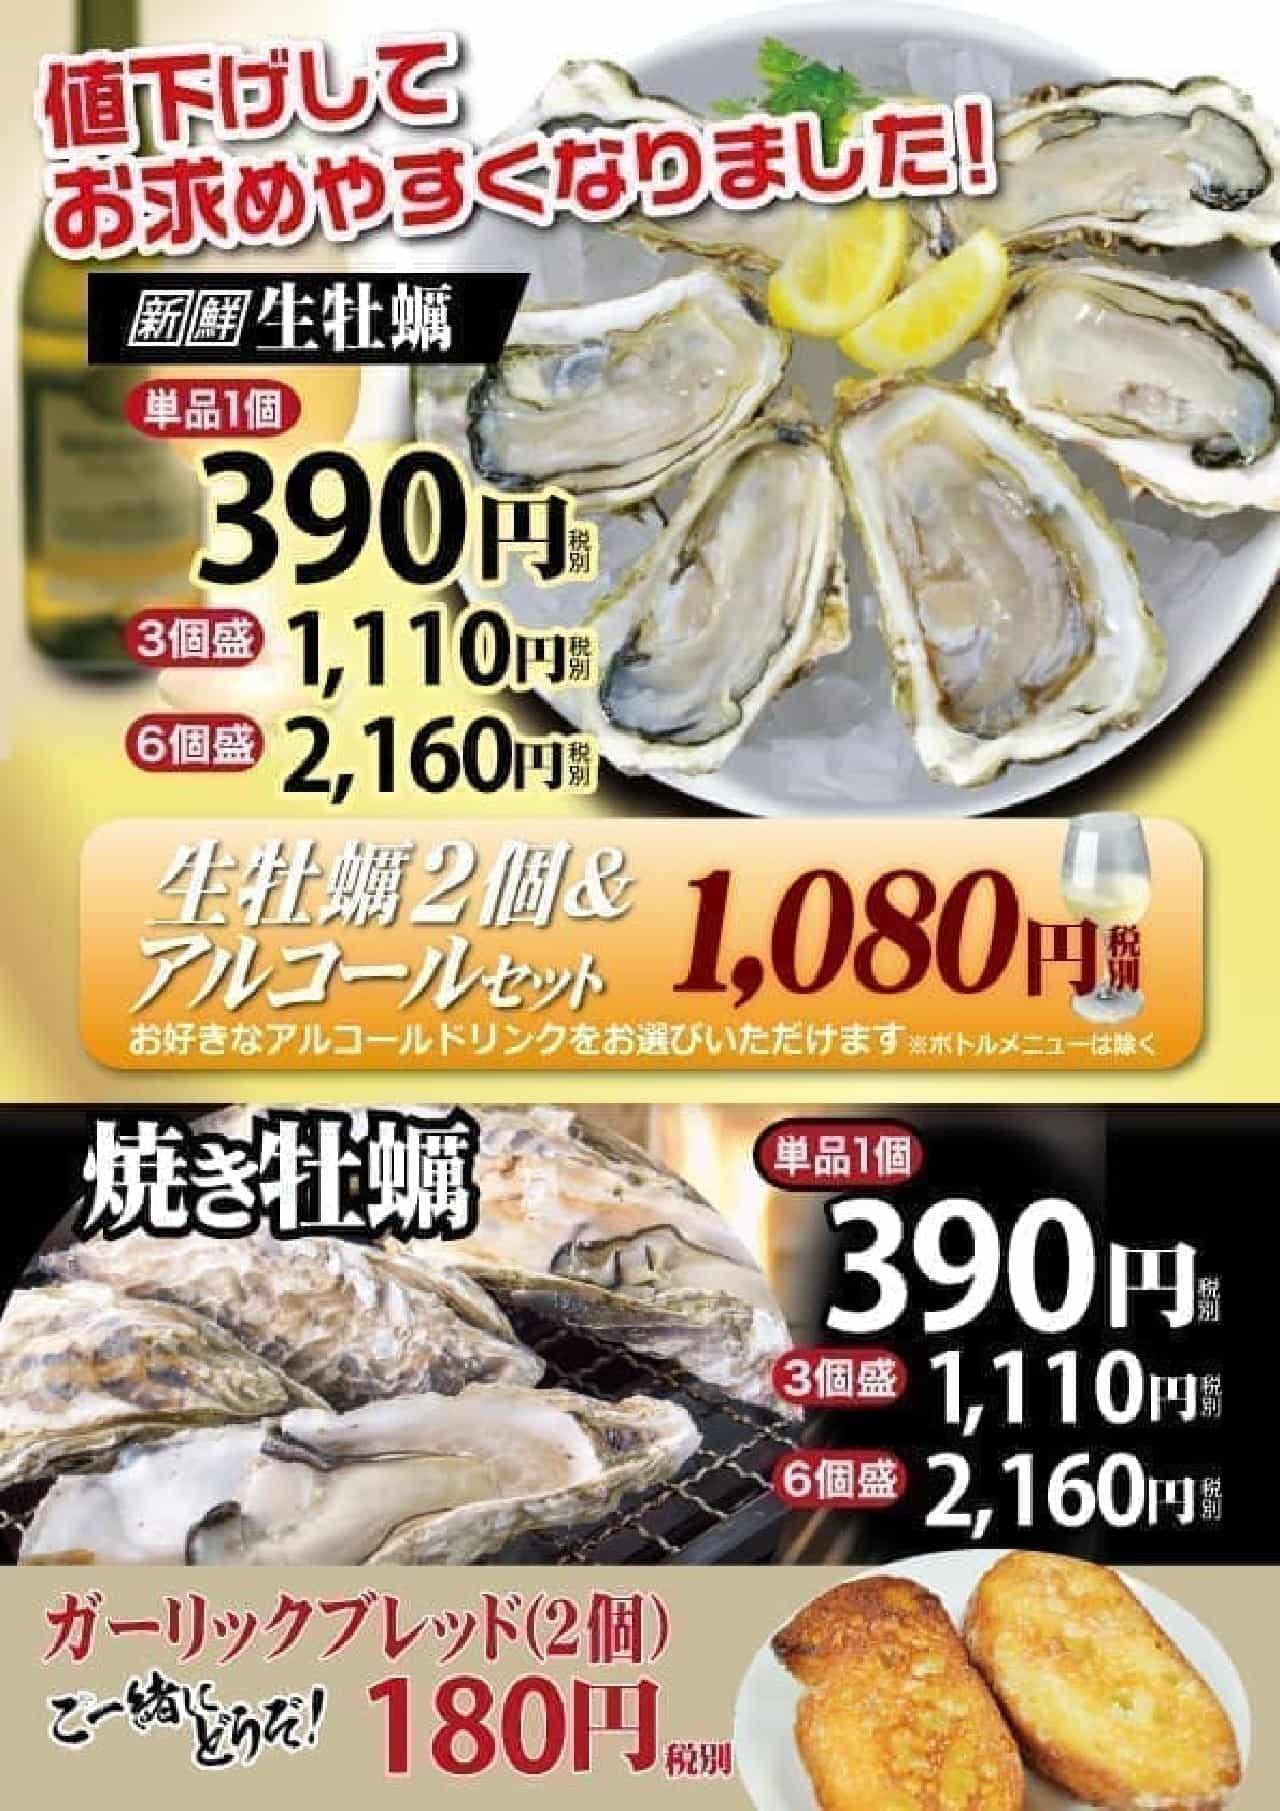 いきなり!ステーキ限定店舗でオイスター(牡蠣)メニューが復活